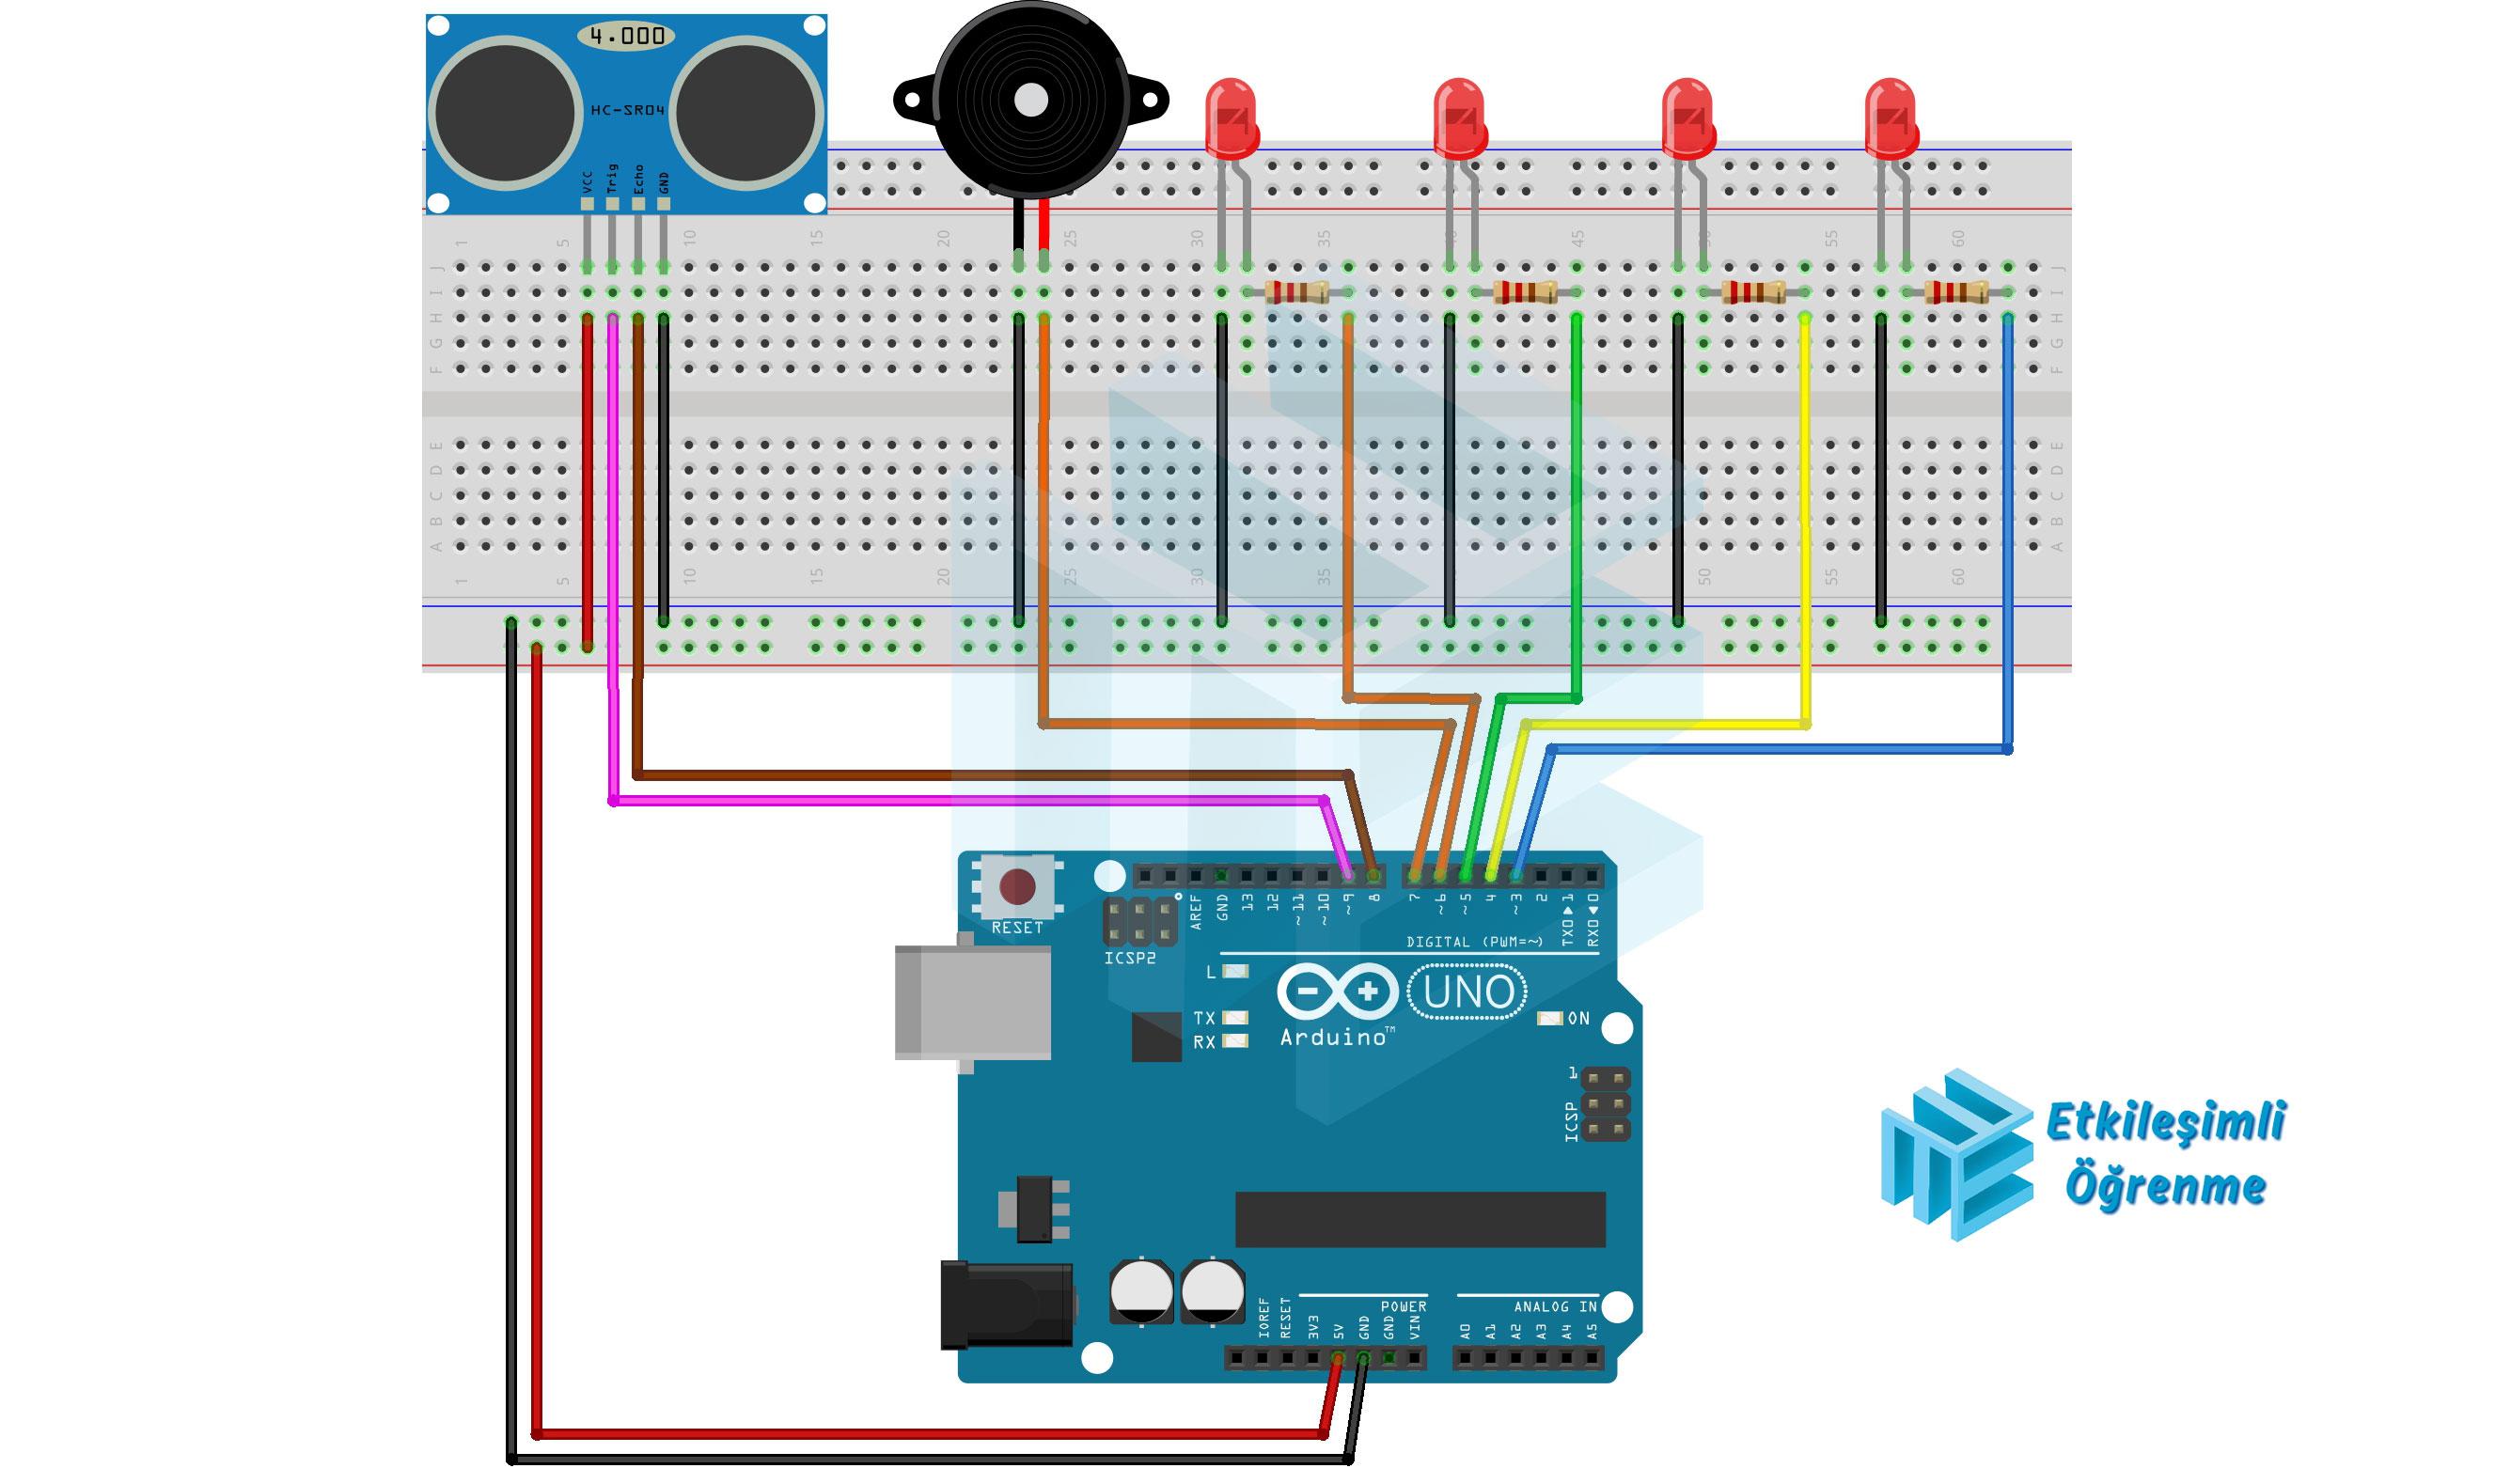 Ultrasonik Sensör ve Buzzer Kullanımı (Park Sensörü)